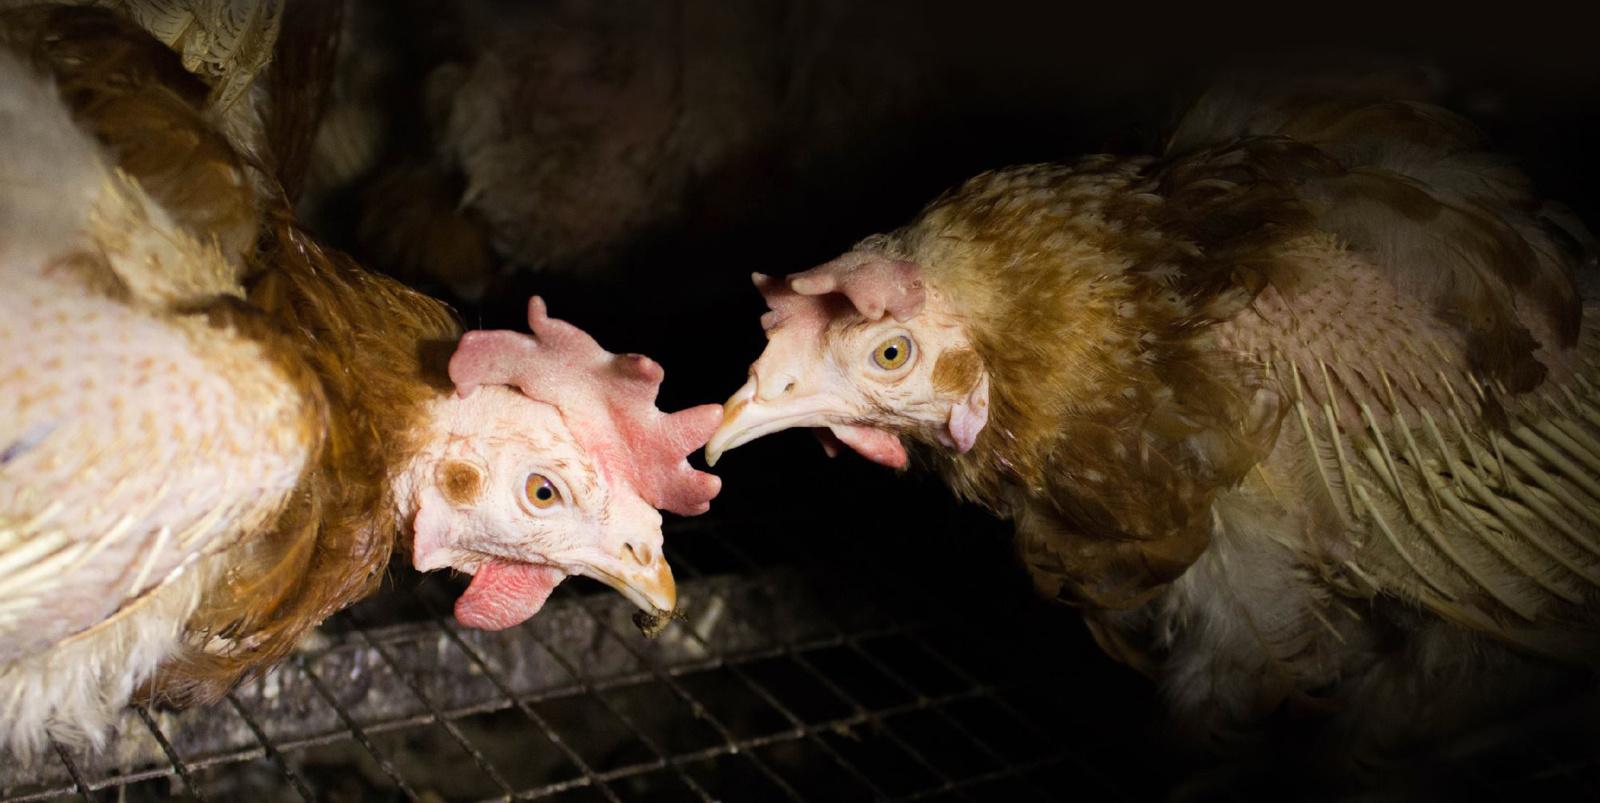 Gyvūnų teisių gynėjai ragina griežčiau vertinti padėtį paukštynuose (VIDEO)